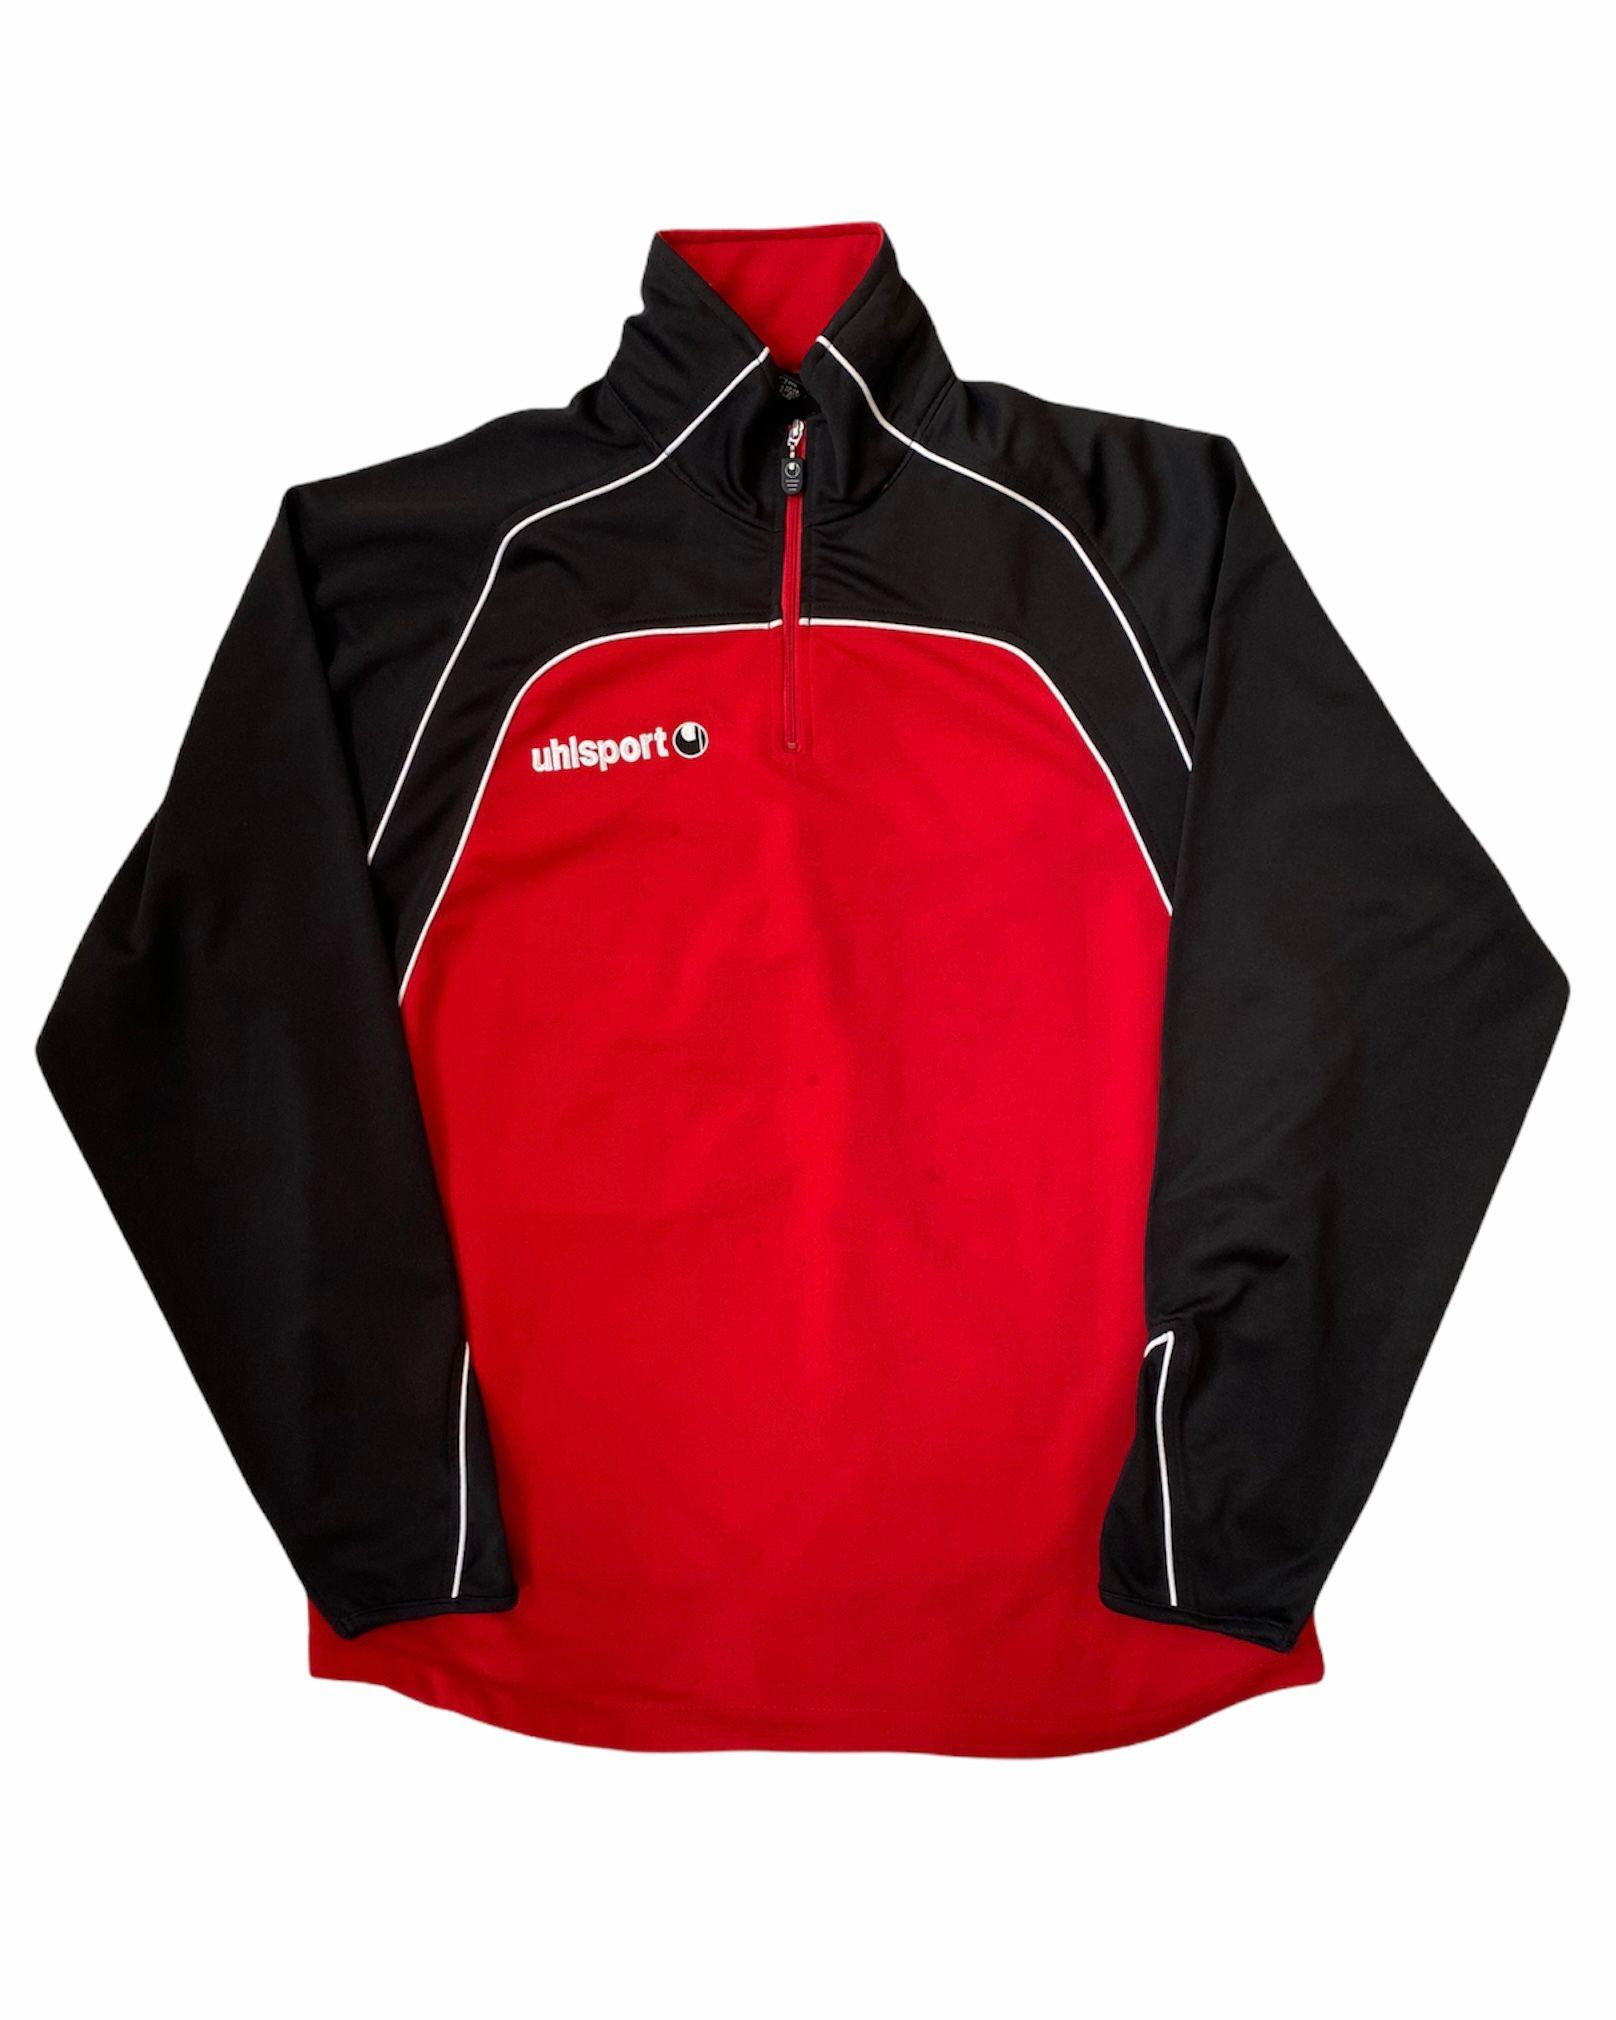 Uhlsport Half Zip Sweatshirt (XL)